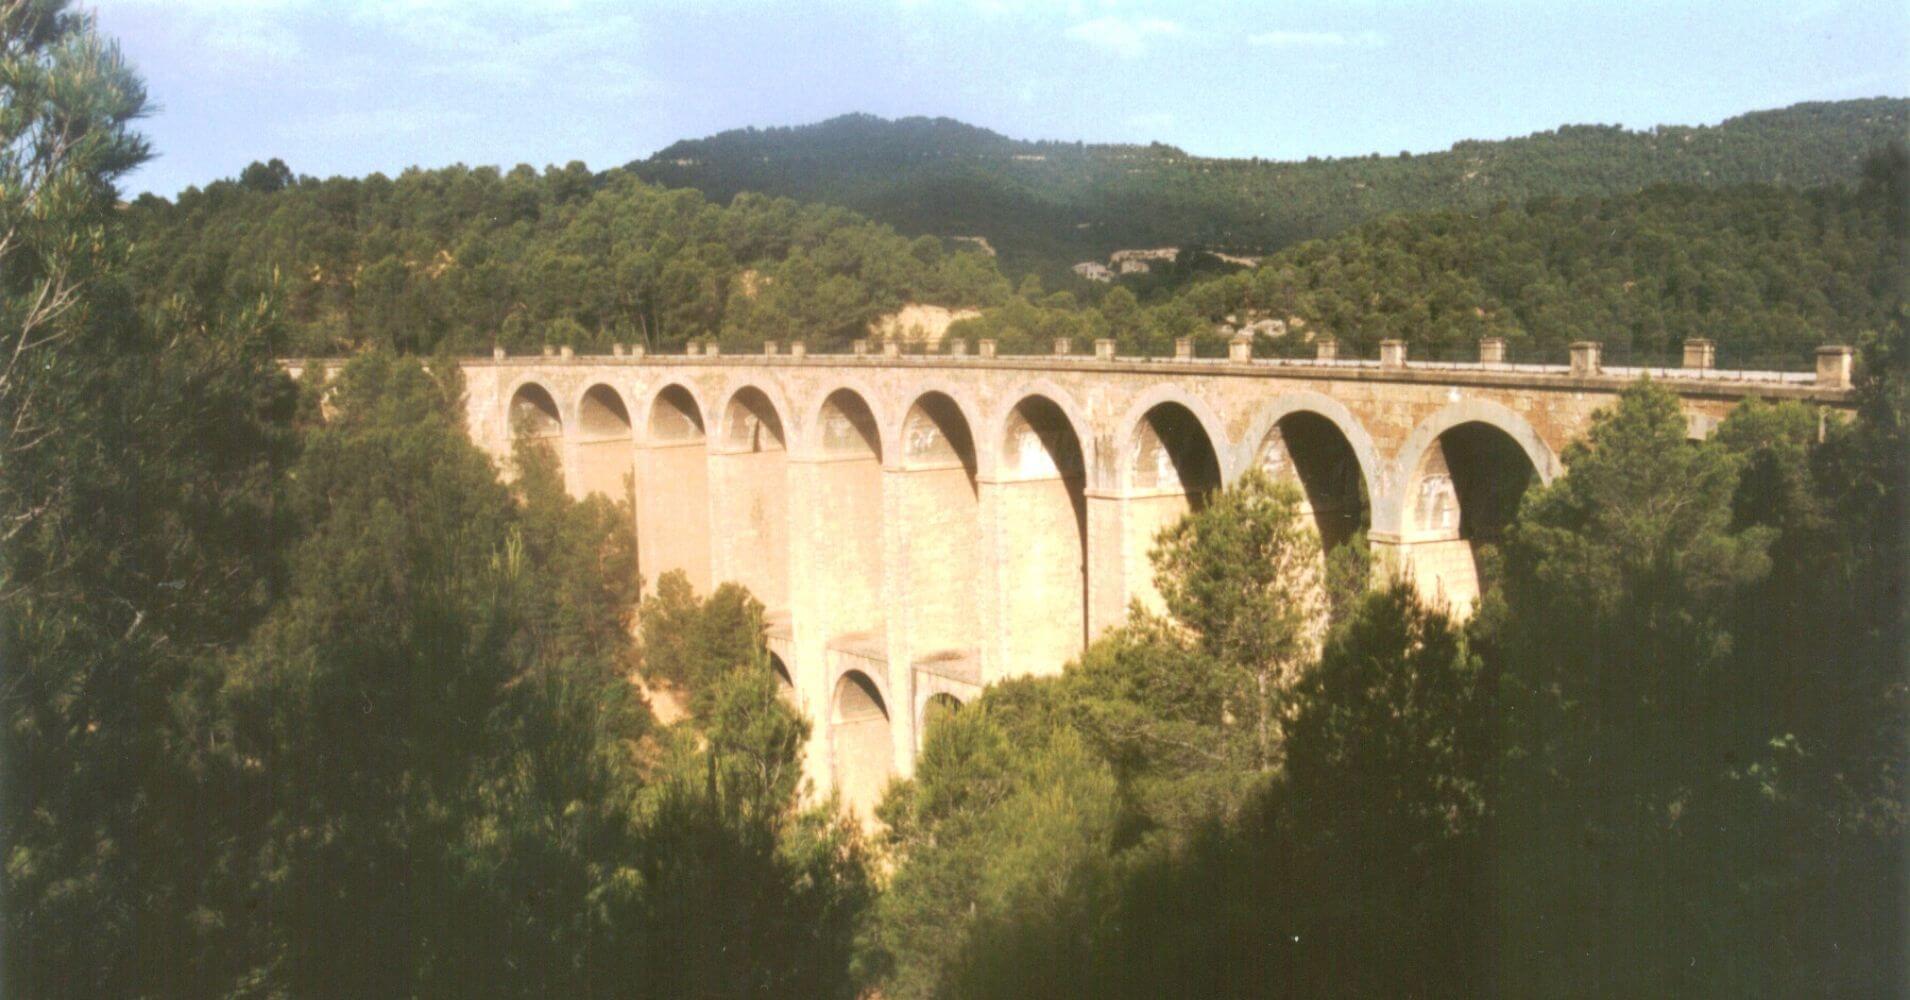 Vía Verde Terra Alta. Viaducto de doble arco del Barranc de la Belloca. Tarragona, Cataluña.